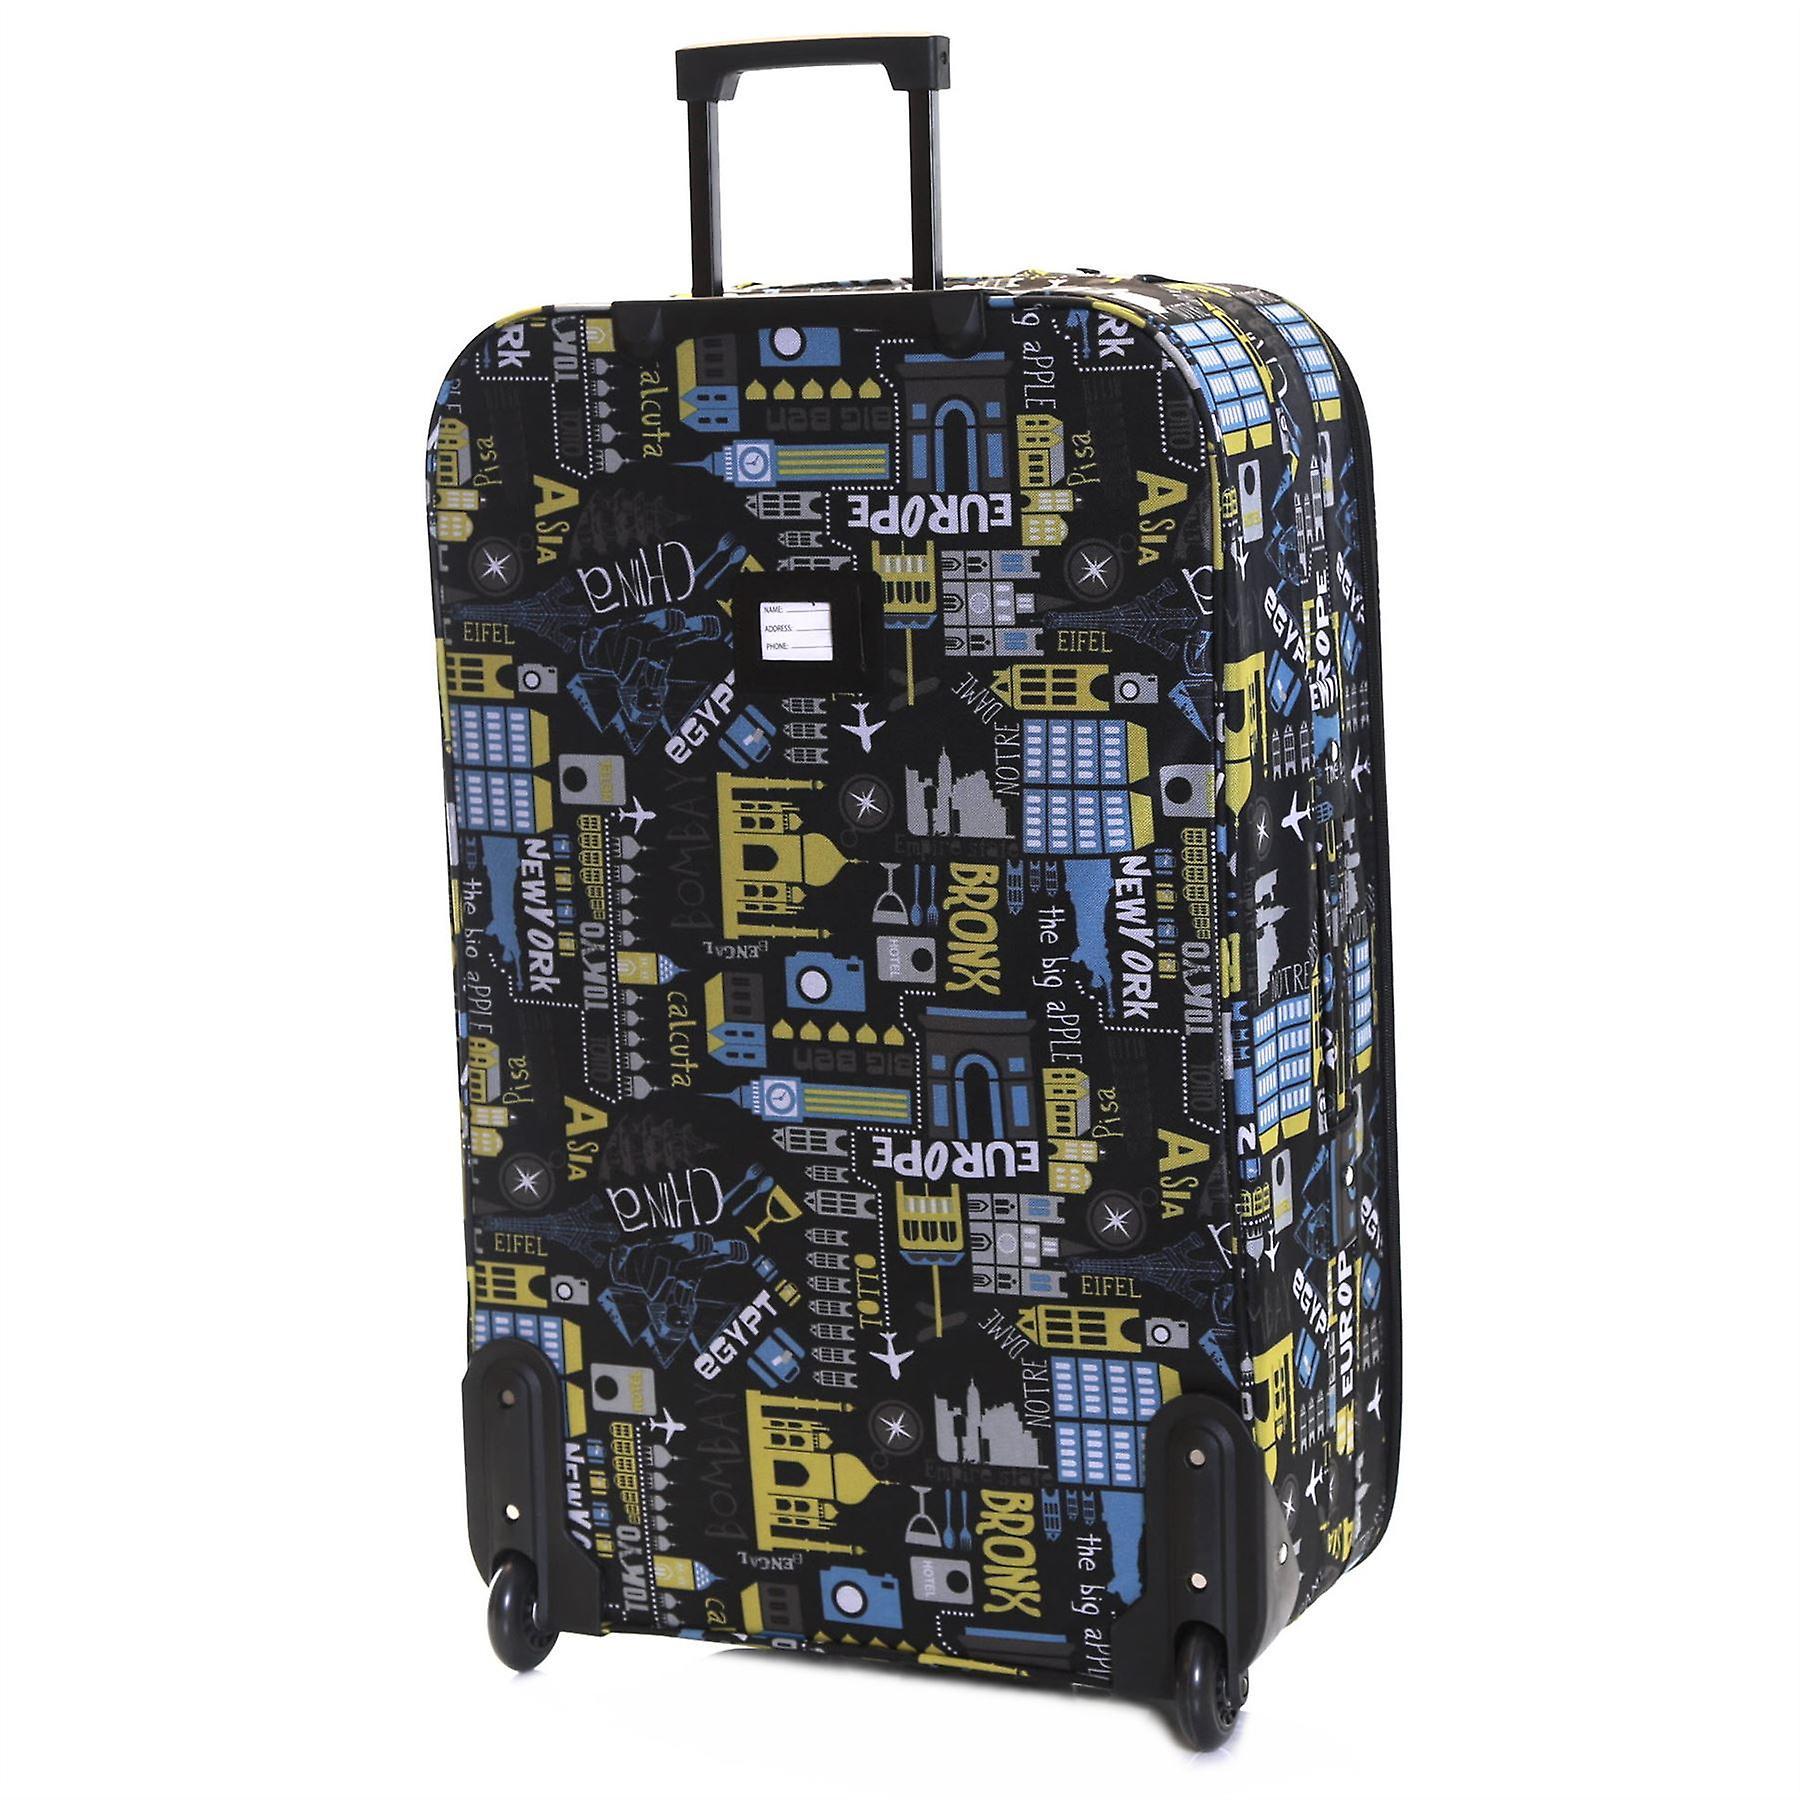 Slimbridge Algarve 73 cm Super Lightweight Suitcase, Black/Blue